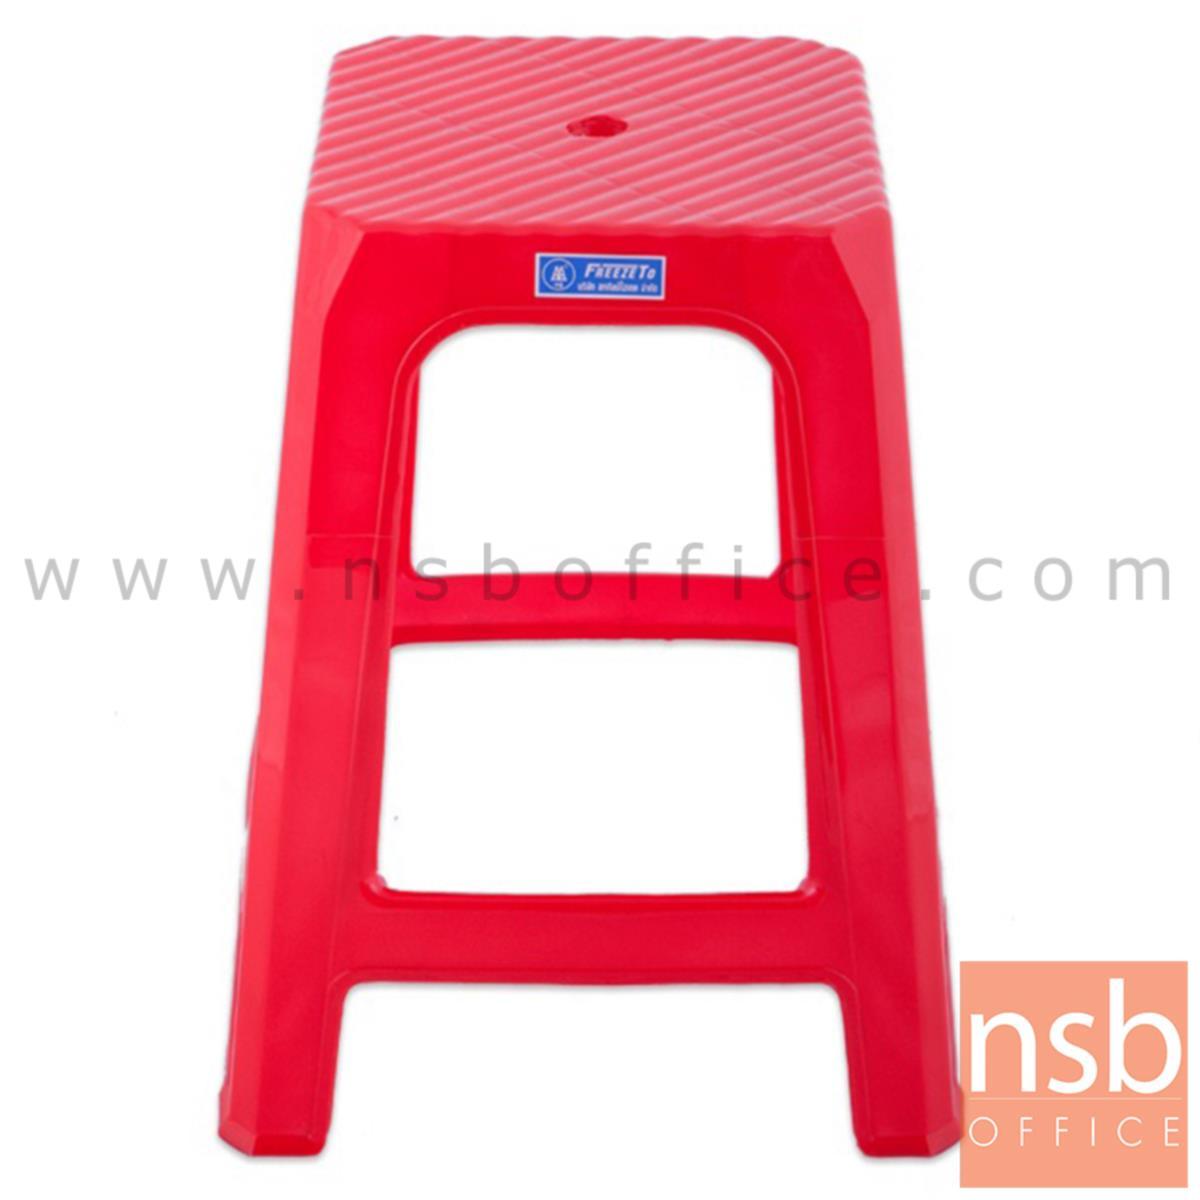 เก้าอี้พลาสติก รุ่น TAIWAN _CHAIR ซ้อนเก็บได้ (ผลิตทั้งเกรด A และ B)